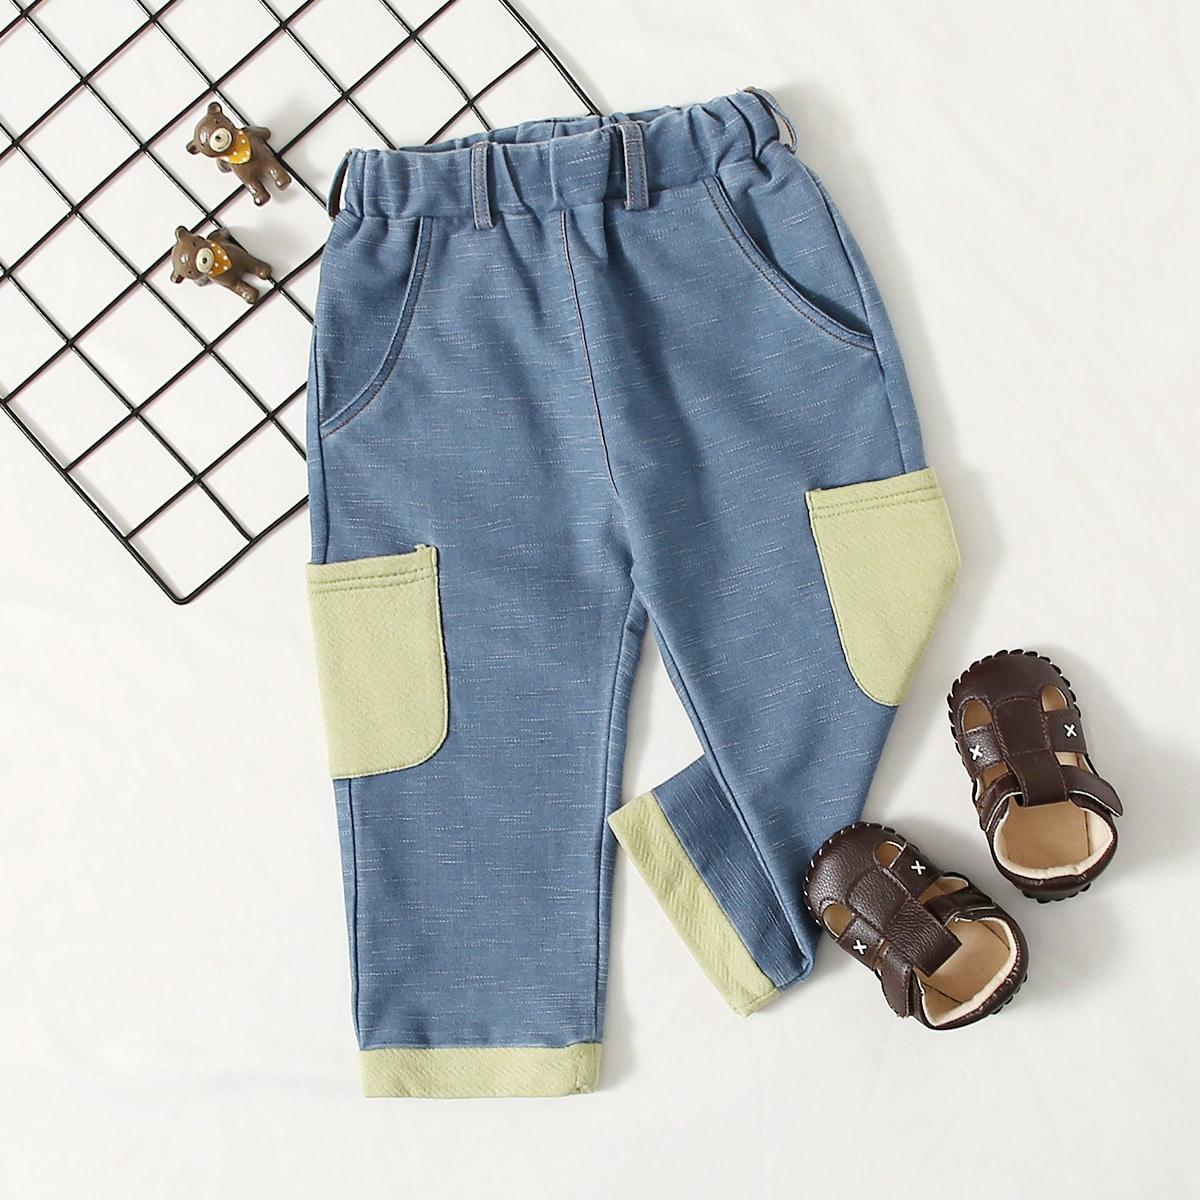 Карман контрастный повседневный джинсы для девочек